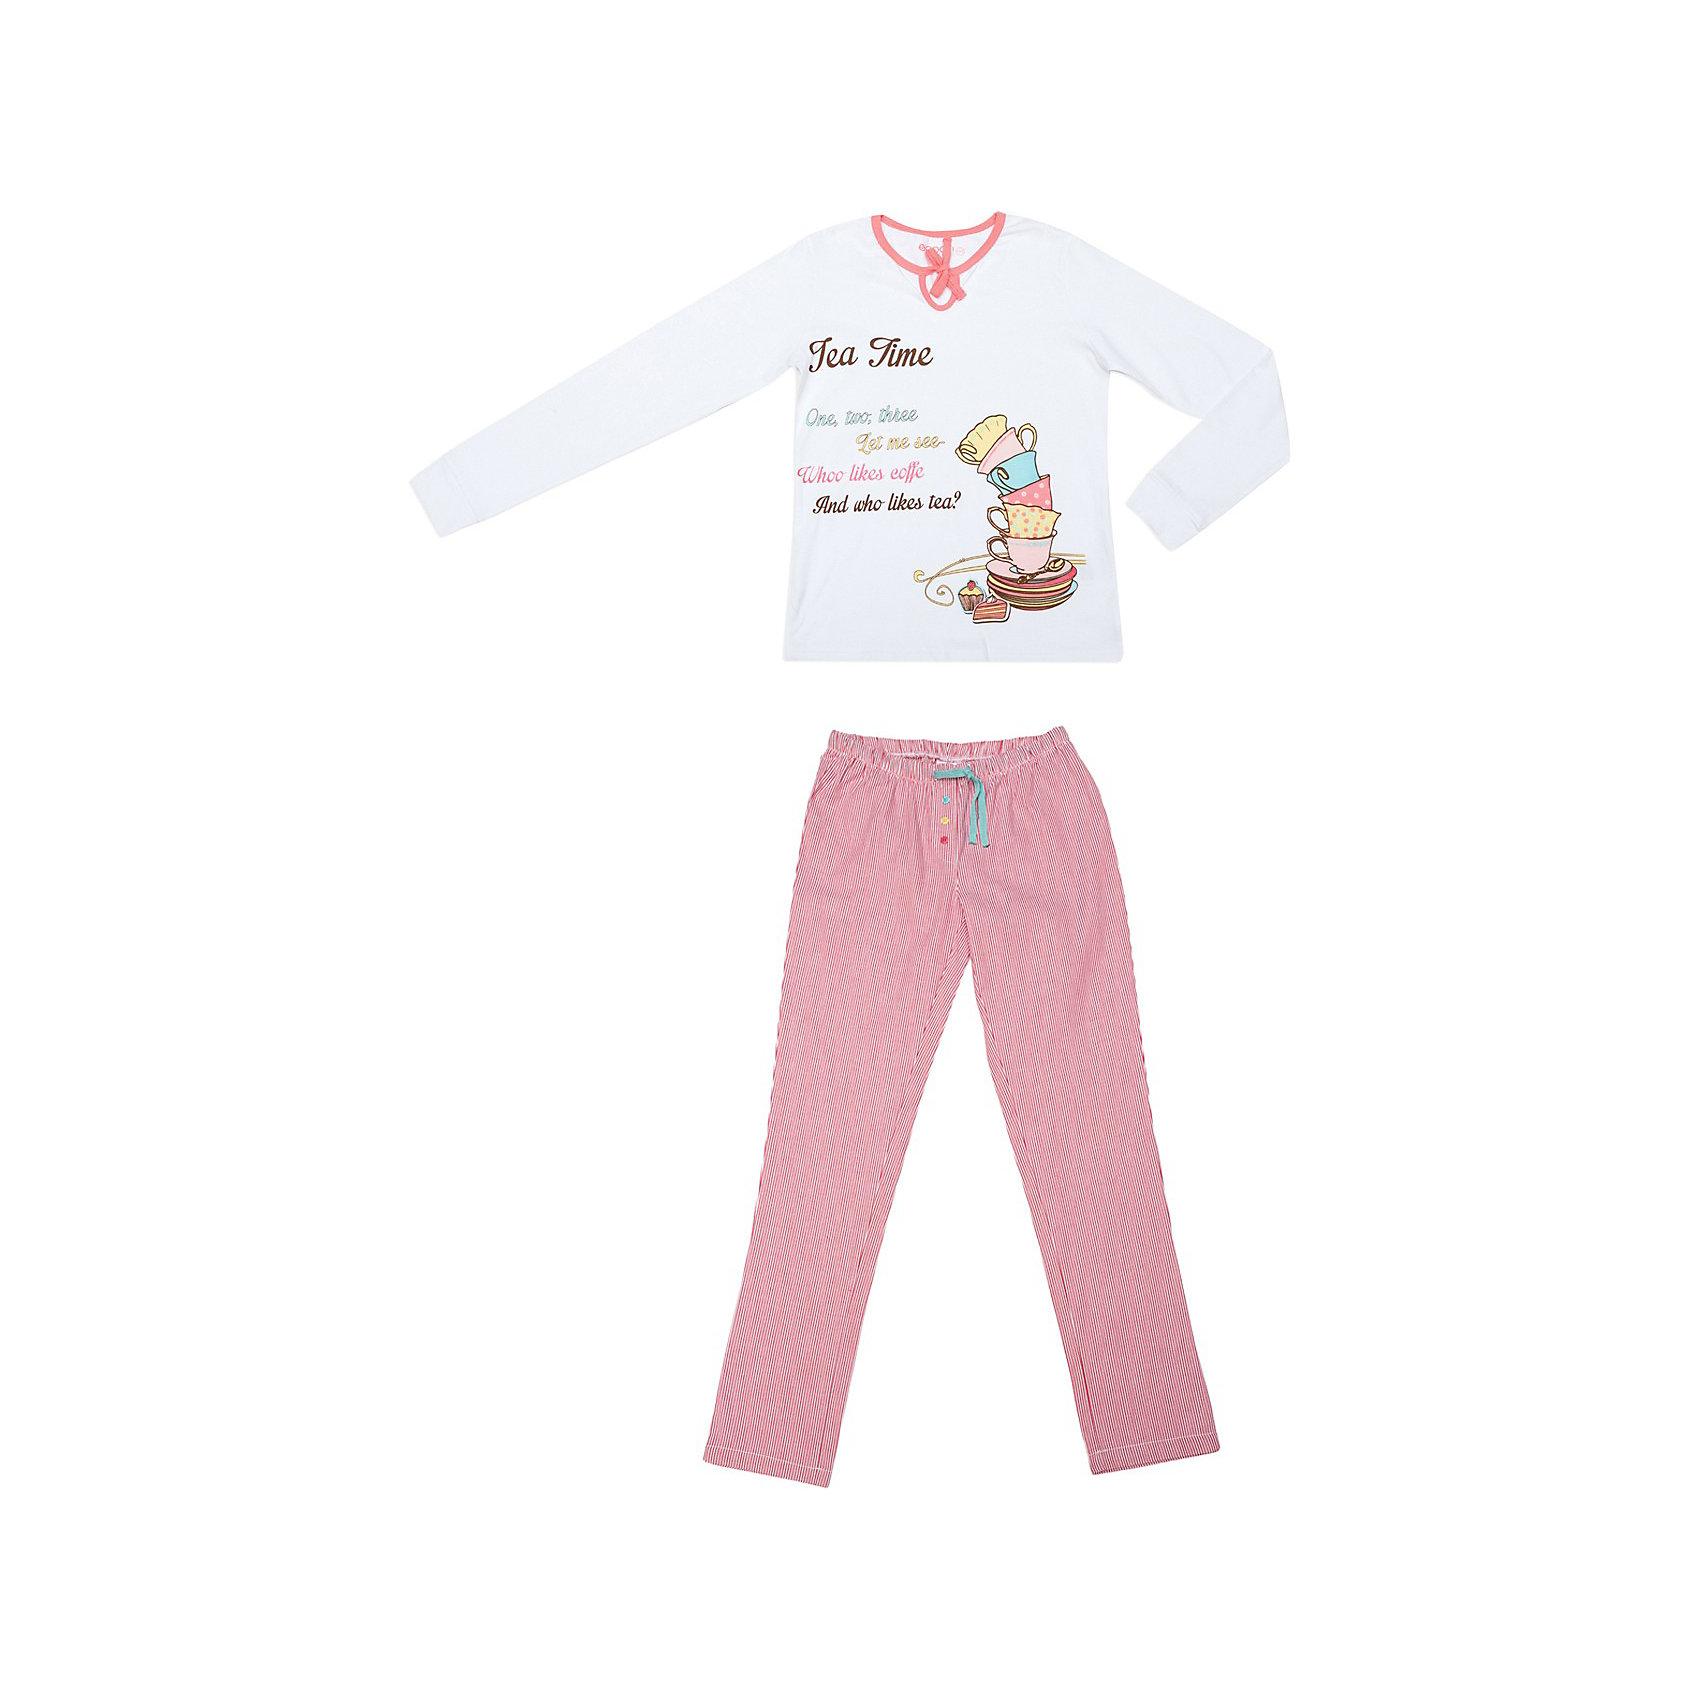 Пижама для девочки ScoolКомплект для девочки: футболка с длинным рукавом и брюки Scool. <br>* уютная пижама из эластичного трикотажа, состоящая из футболки и брюк<br>* горловина футболки обработана трикотажной бейкой с завязкой на бантик<br>* принт на полочке<br>* пояс брюк на внутренней резинке, регулируется тесьмой футболка<br>Состав: 95% хлопок, 5% эластан, брюки: 100% хлопок<br><br>Ширина мм: 230<br>Глубина мм: 40<br>Высота мм: 220<br>Вес г: 250<br>Цвет: белый<br>Возраст от месяцев: 96<br>Возраст до месяцев: 108<br>Пол: Женский<br>Возраст: Детский<br>Размер: 158,140,152,146,134,164<br>SKU: 3774720